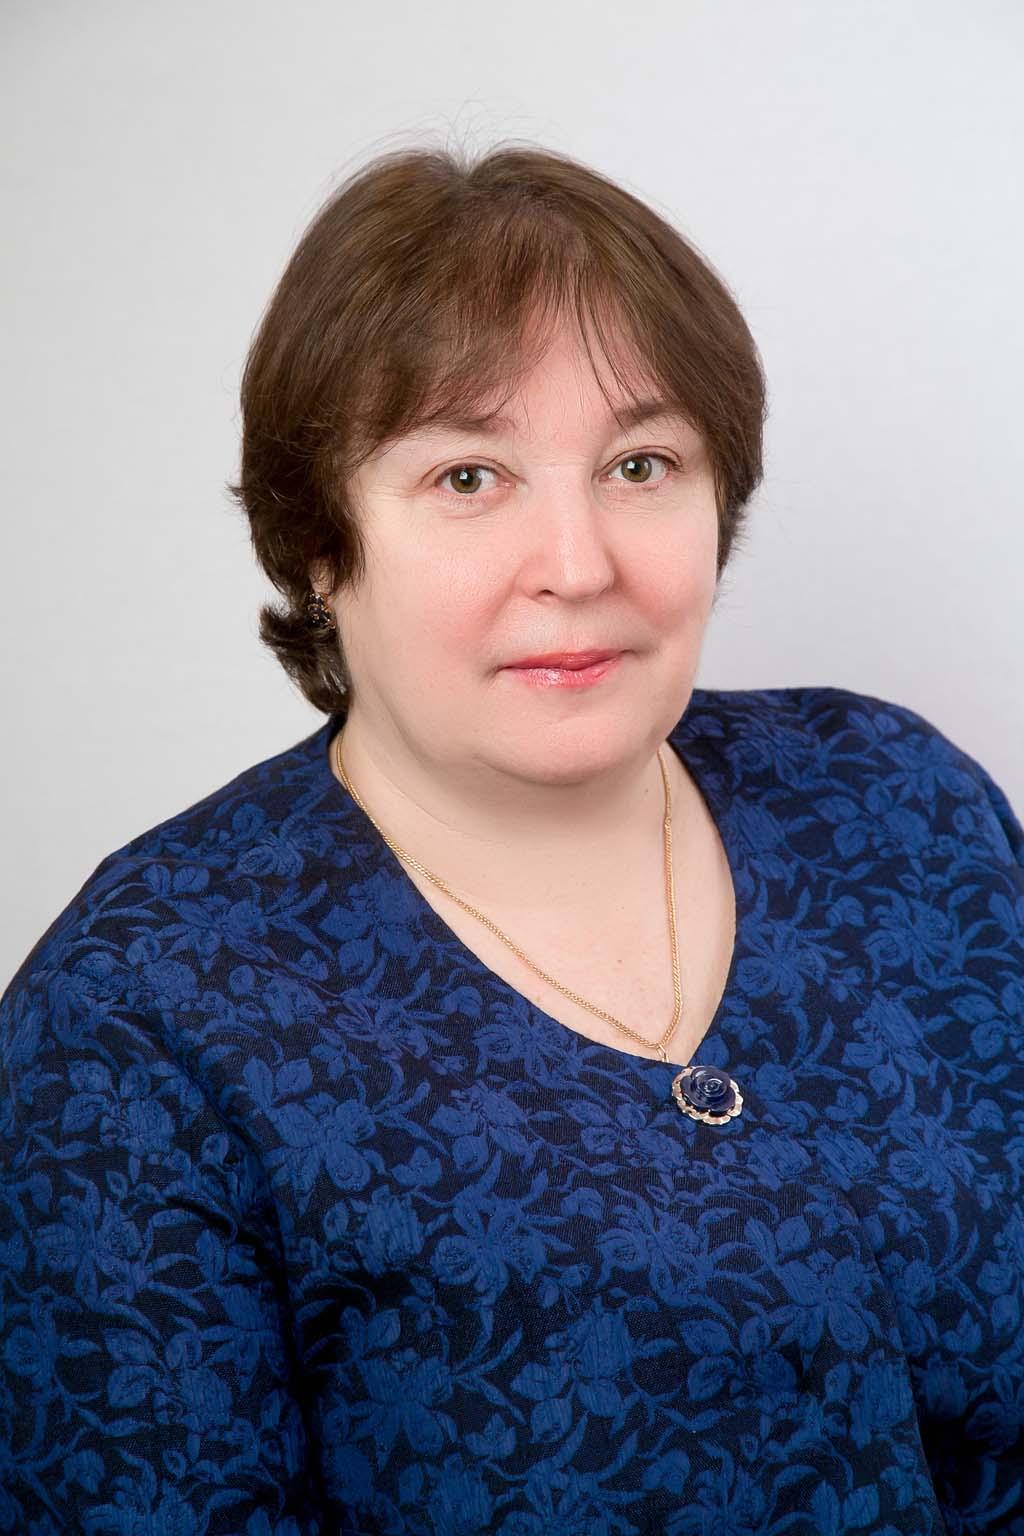 Son Irina Mikhailovna